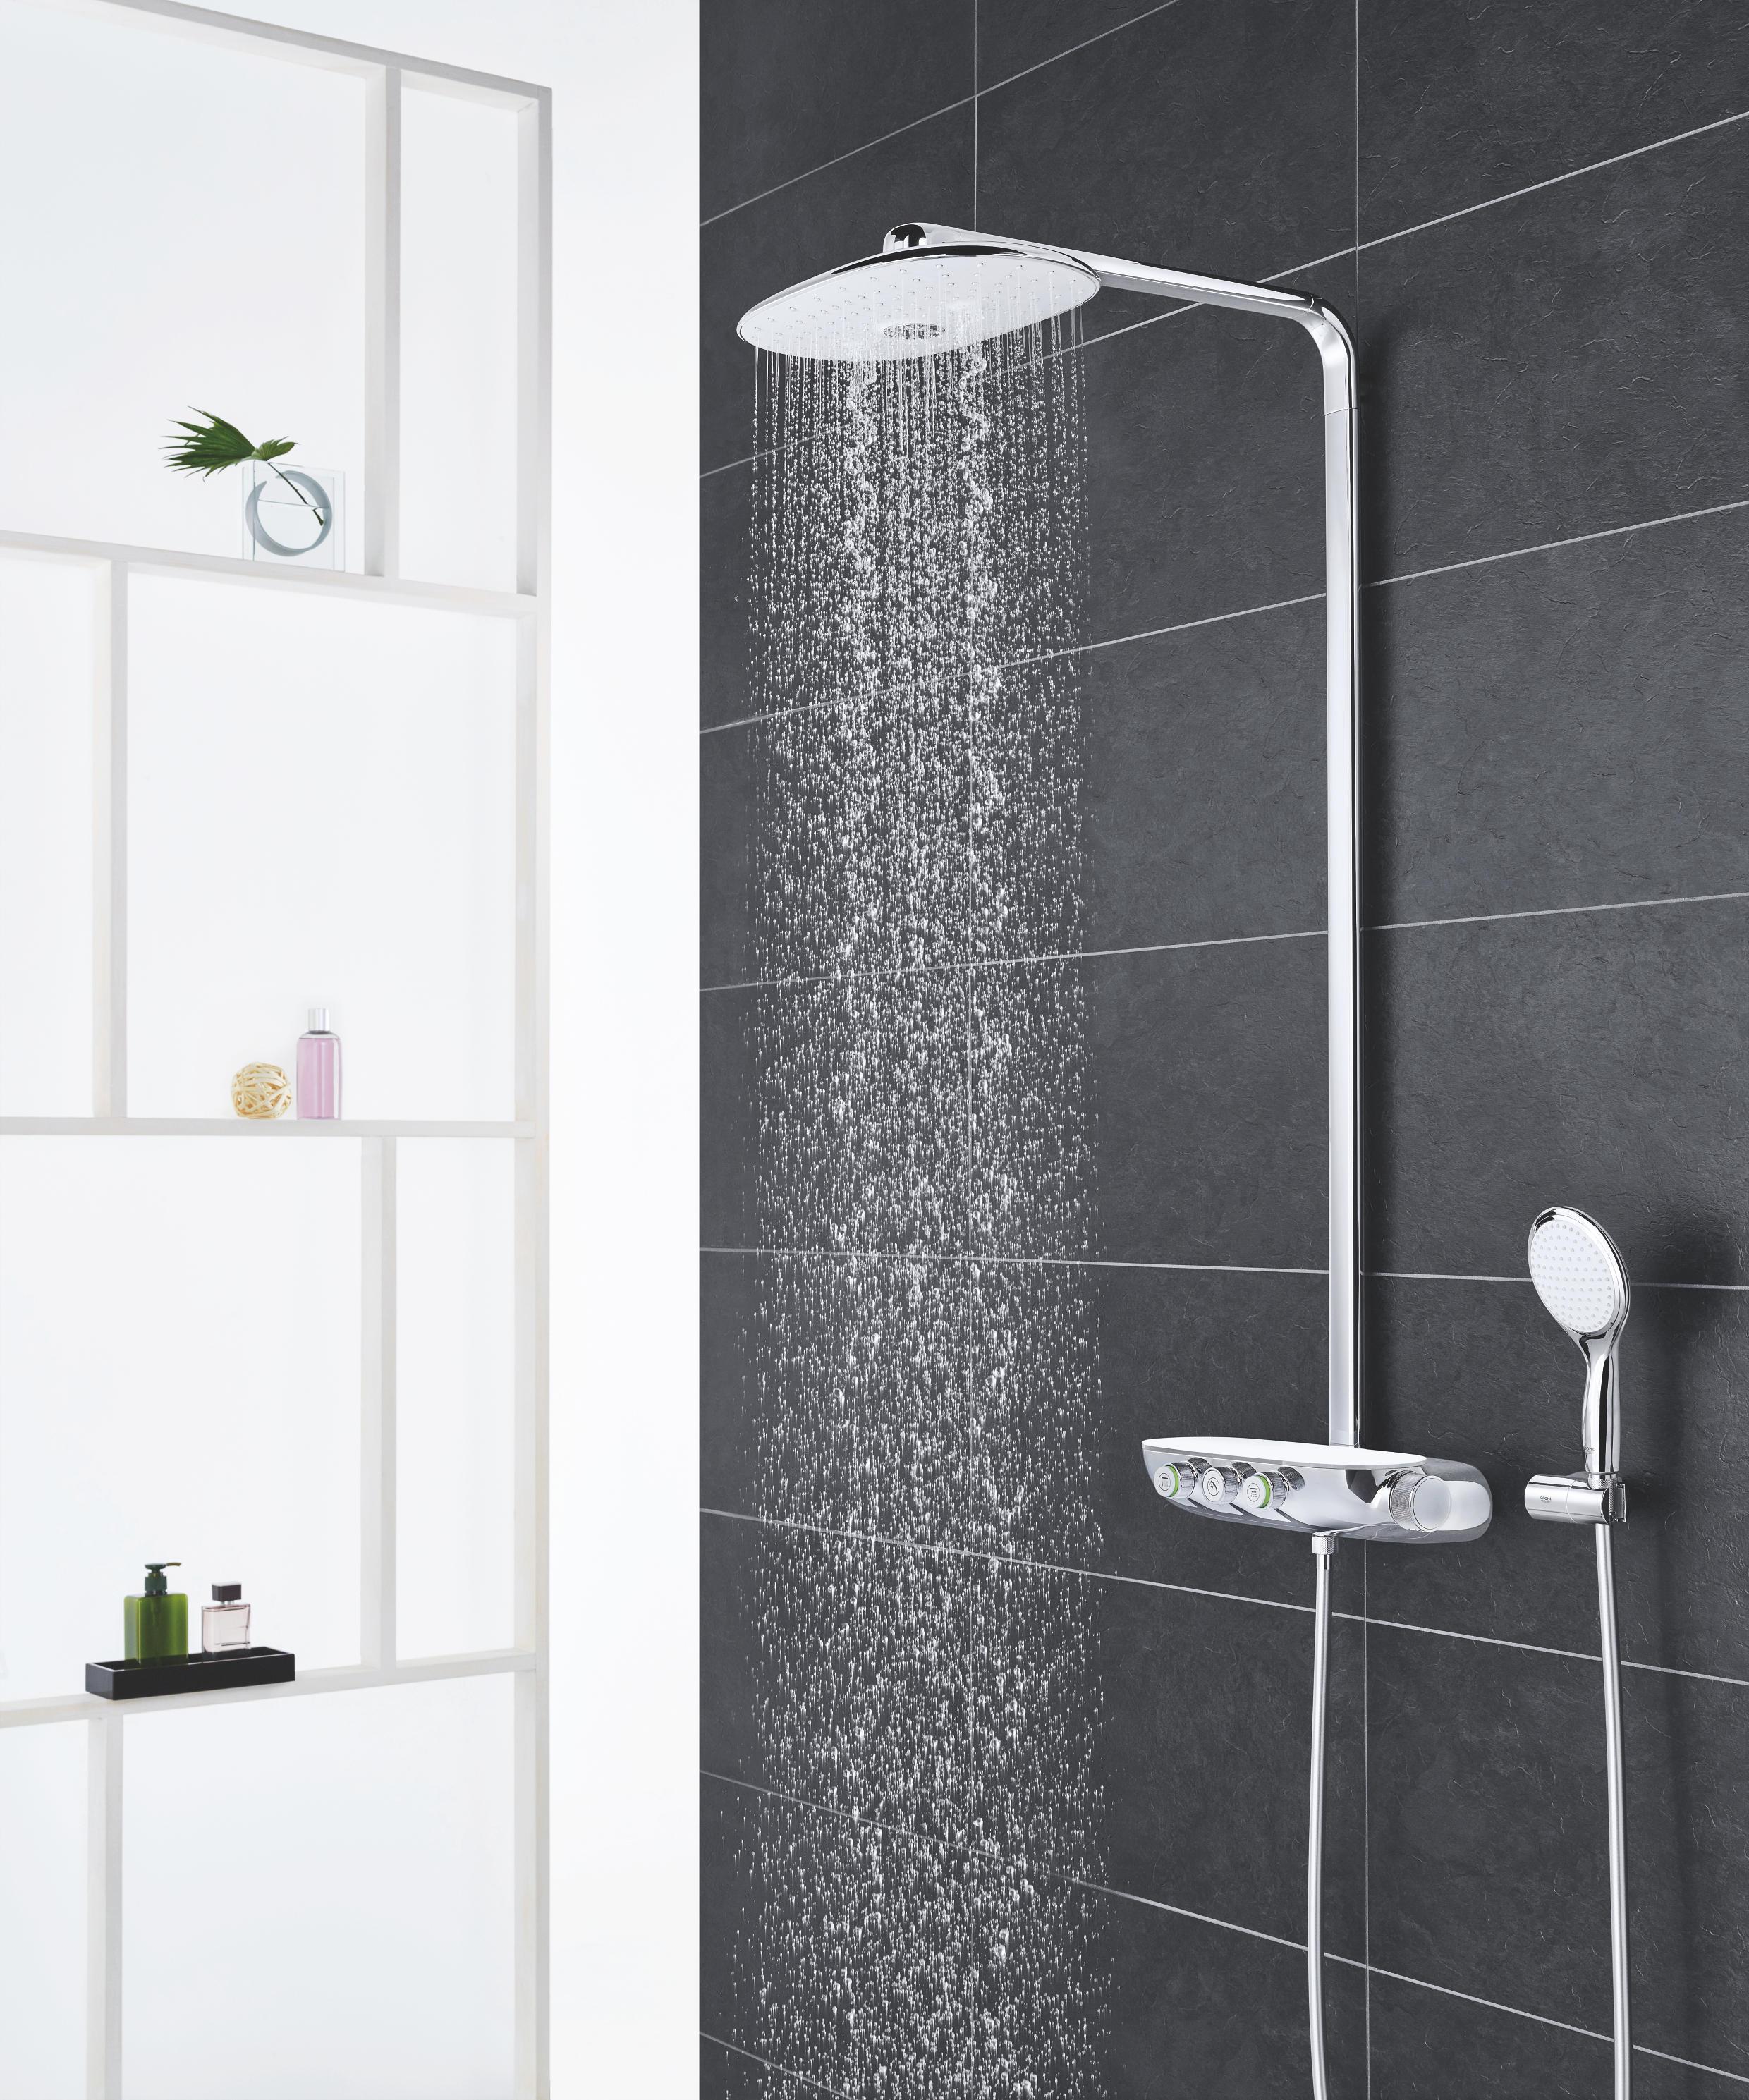 rainshower system smartcontrol 360 duo duschsystem mit thermostatbatterie auf unterputz. Black Bedroom Furniture Sets. Home Design Ideas